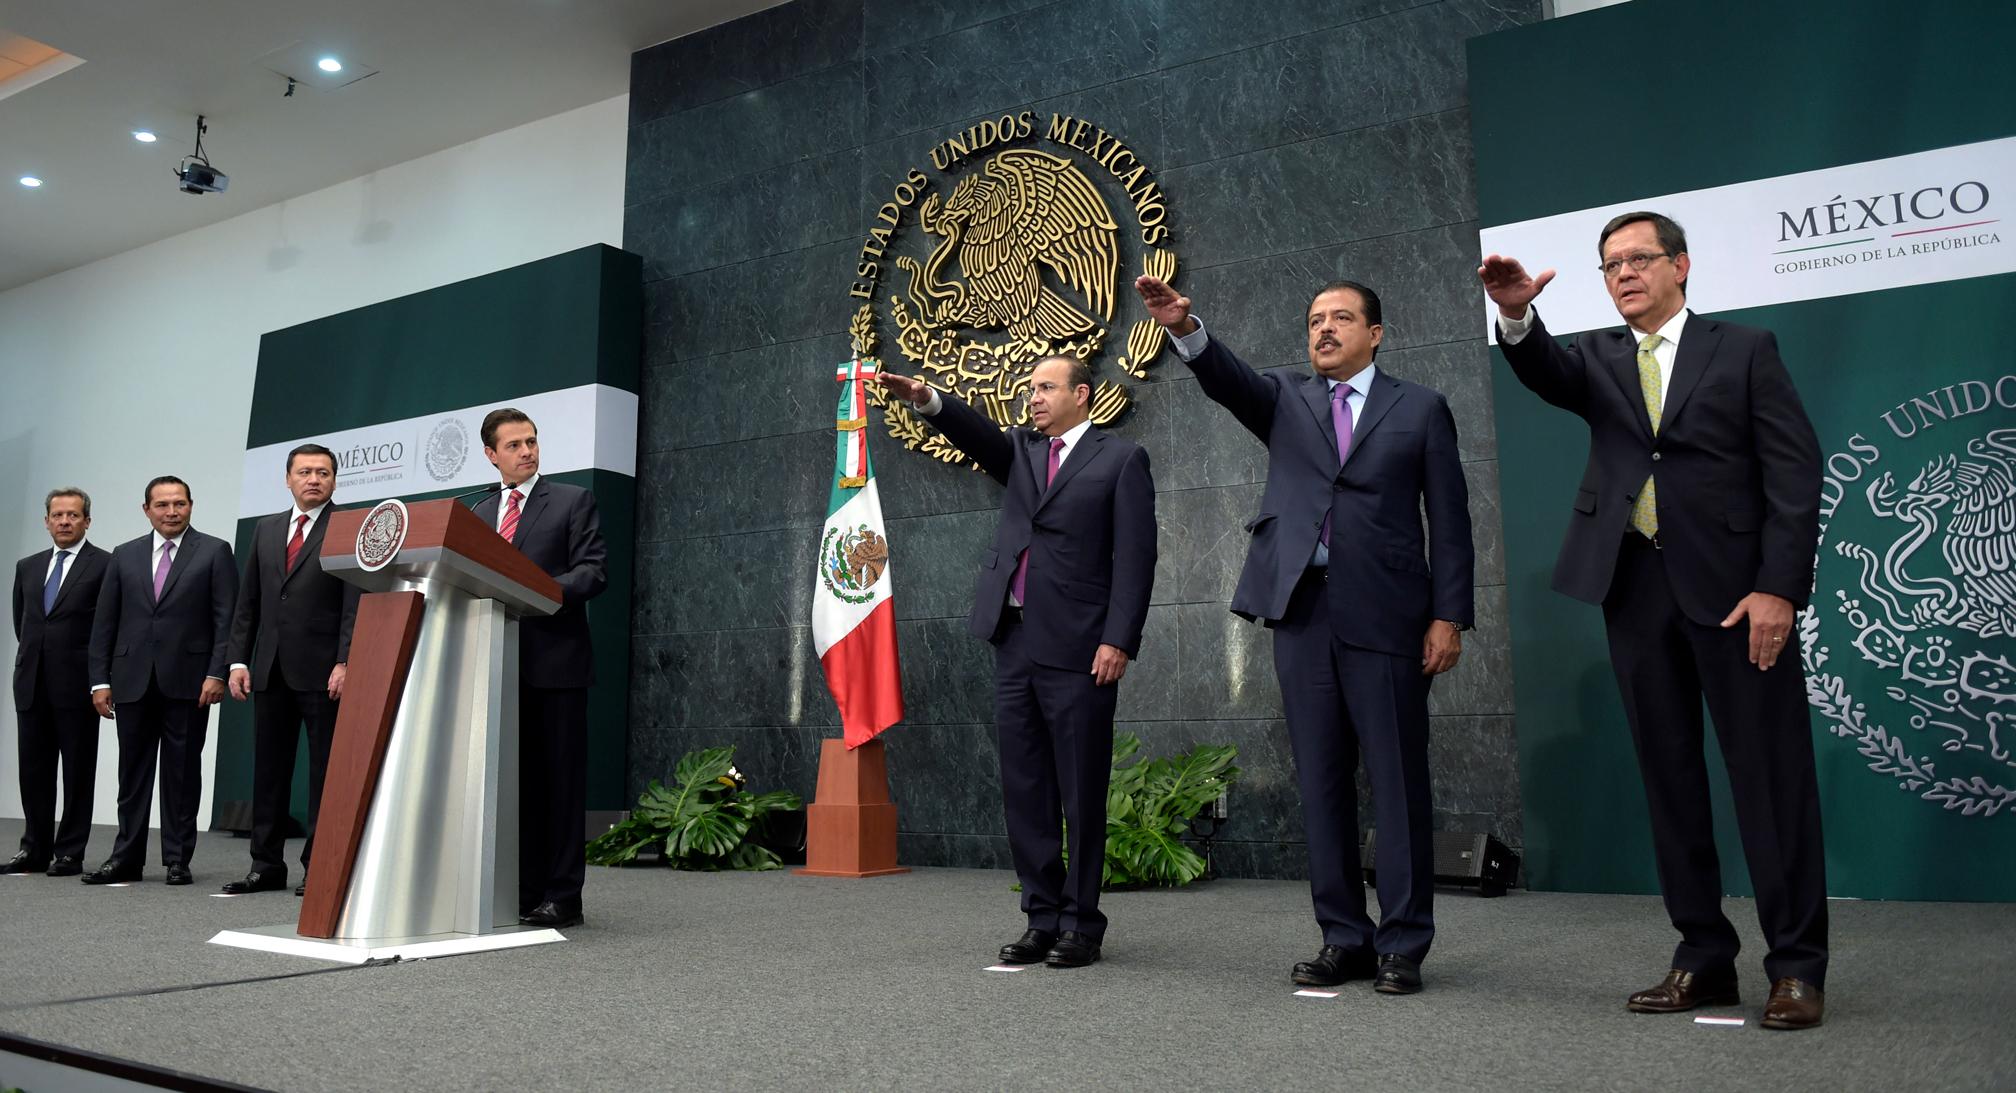 México mantendrá postura firme en renegociación del Tlcan, Peña Nieto